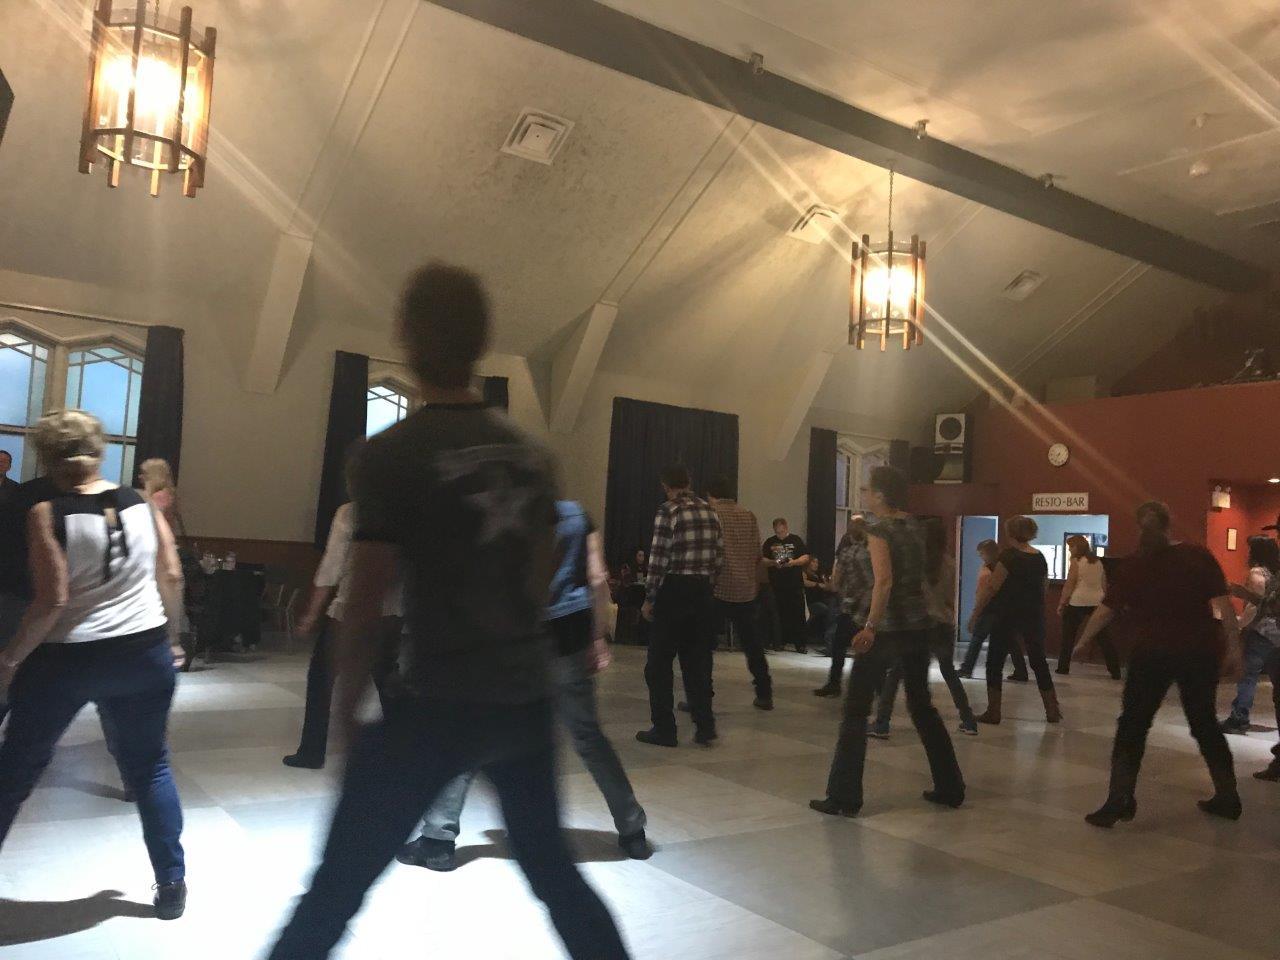 2017-05-09 Soirée pratique à Vaudreuil-Dorion (27)